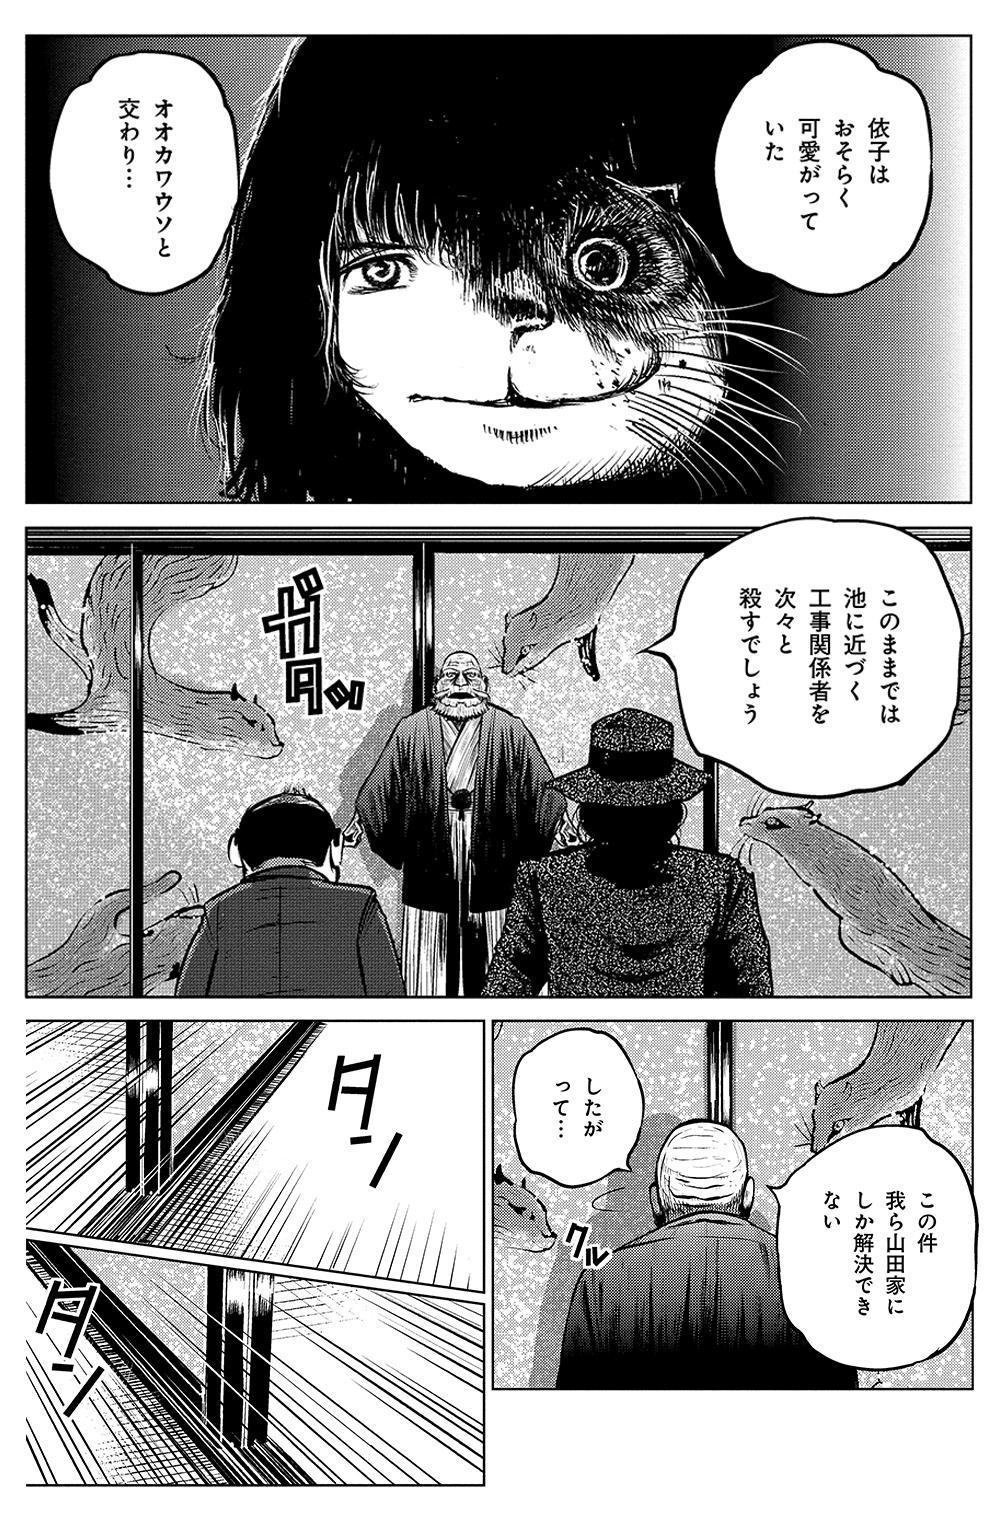 ことなかれ 第3話「革仔玉」②kotonakare01-17.jpg